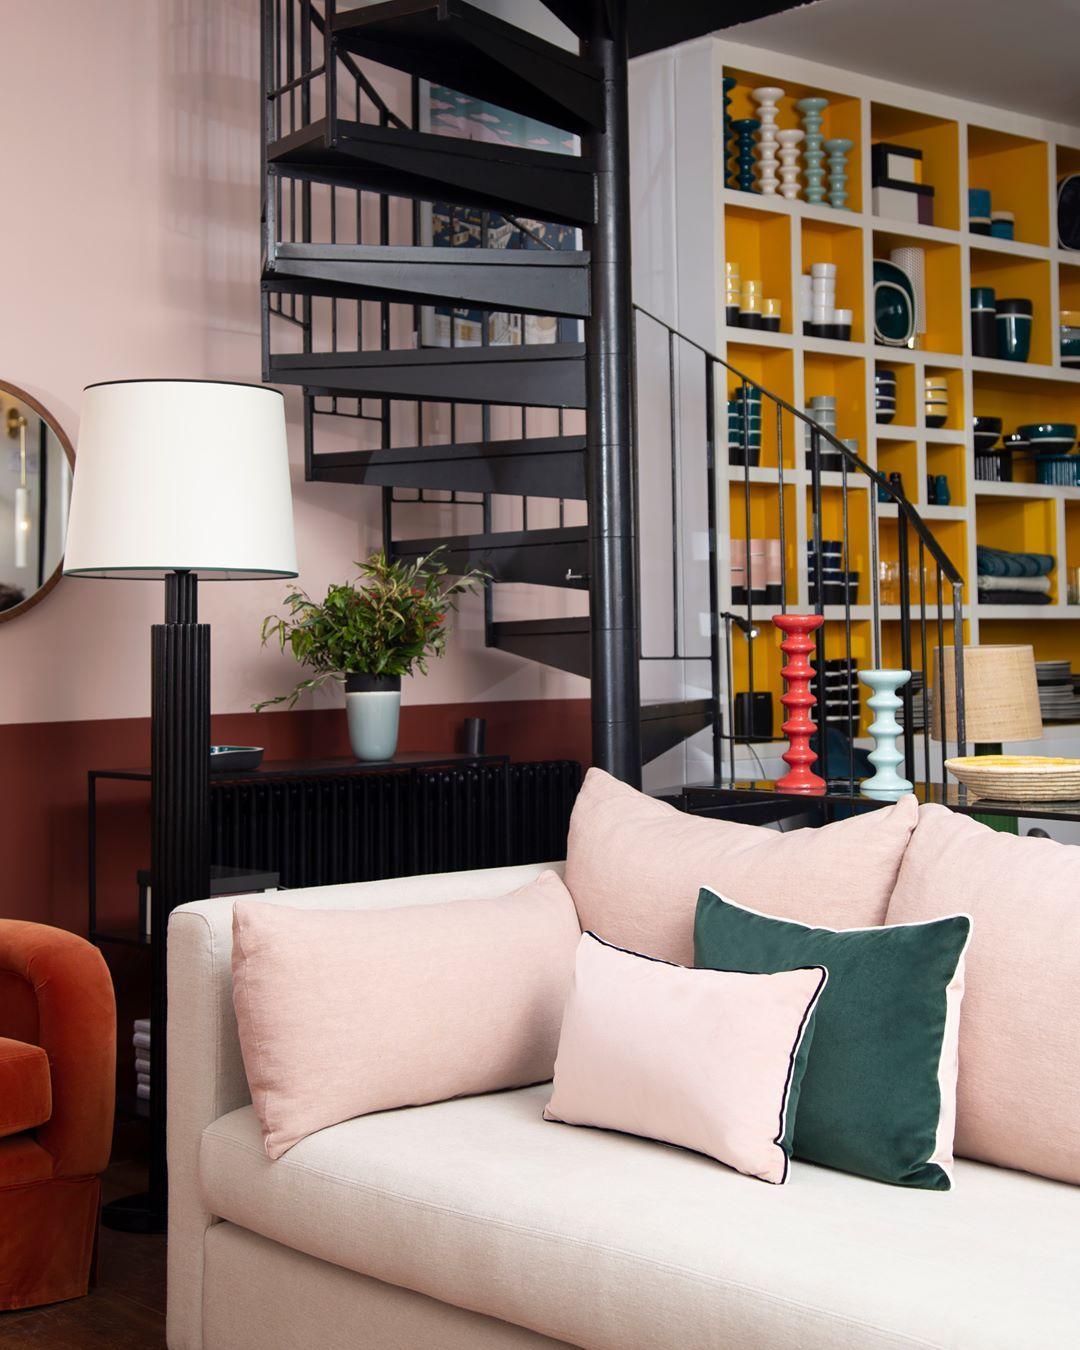 Maison Sarah Lavoine On Instagram Nouveaux Decors 9 Rue Saint Roch 75001 Paris New Mood For Saint Roch Home Home Decor Decor